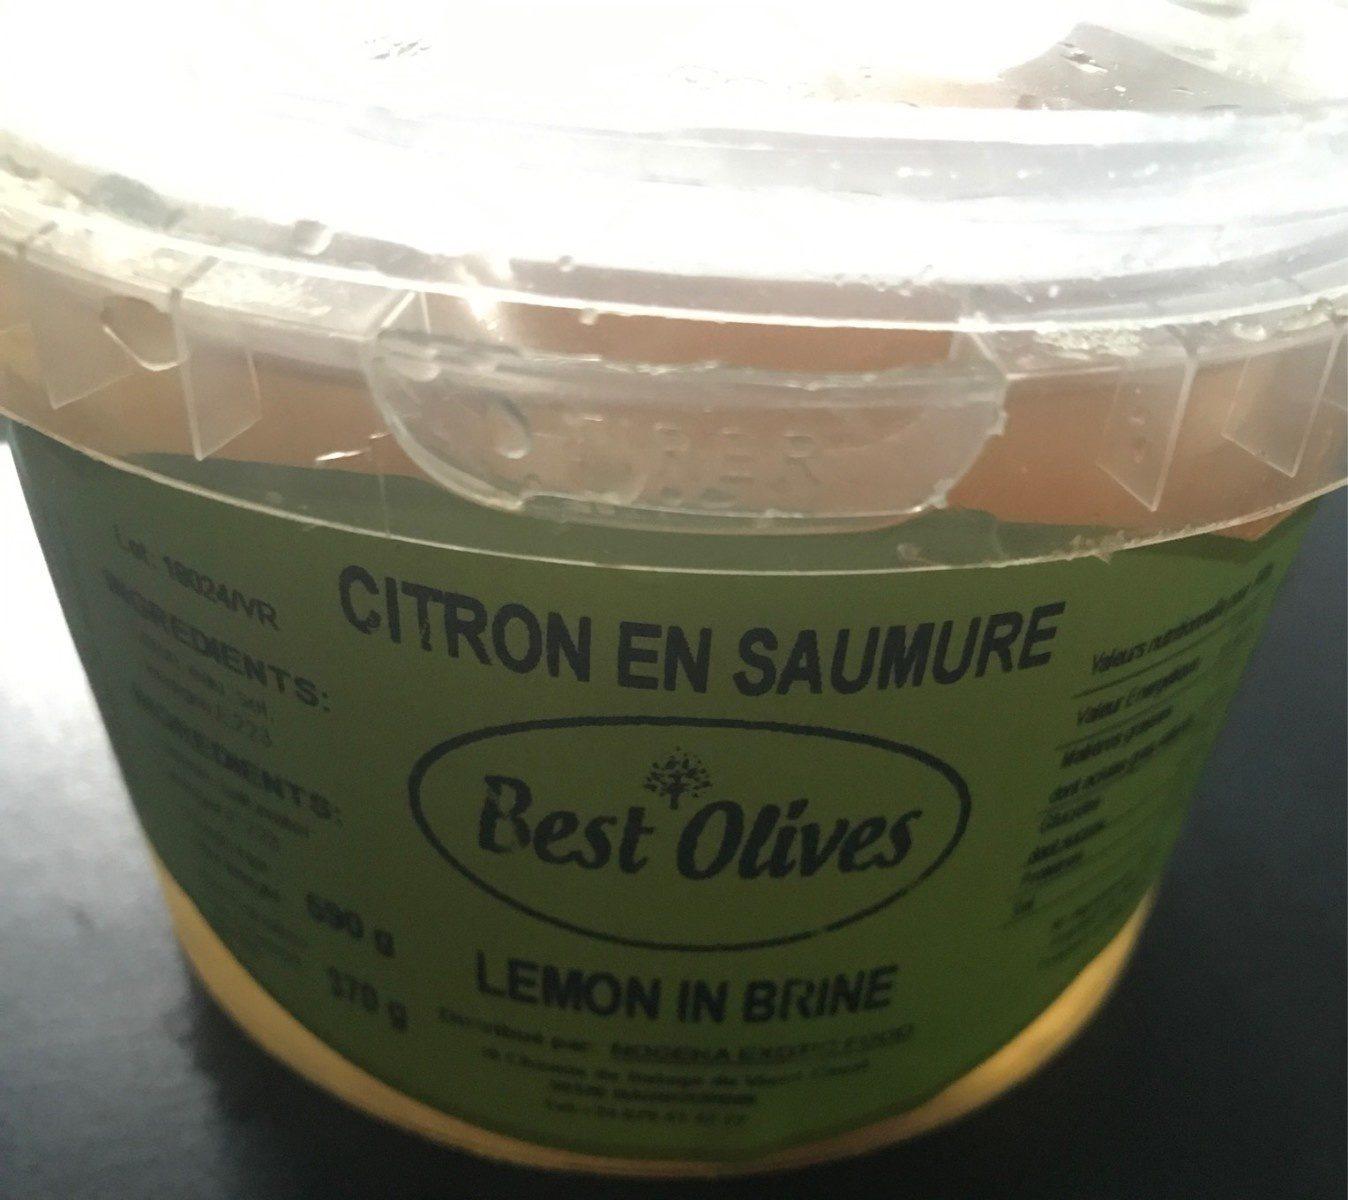 Citron en saumure - Produit - fr